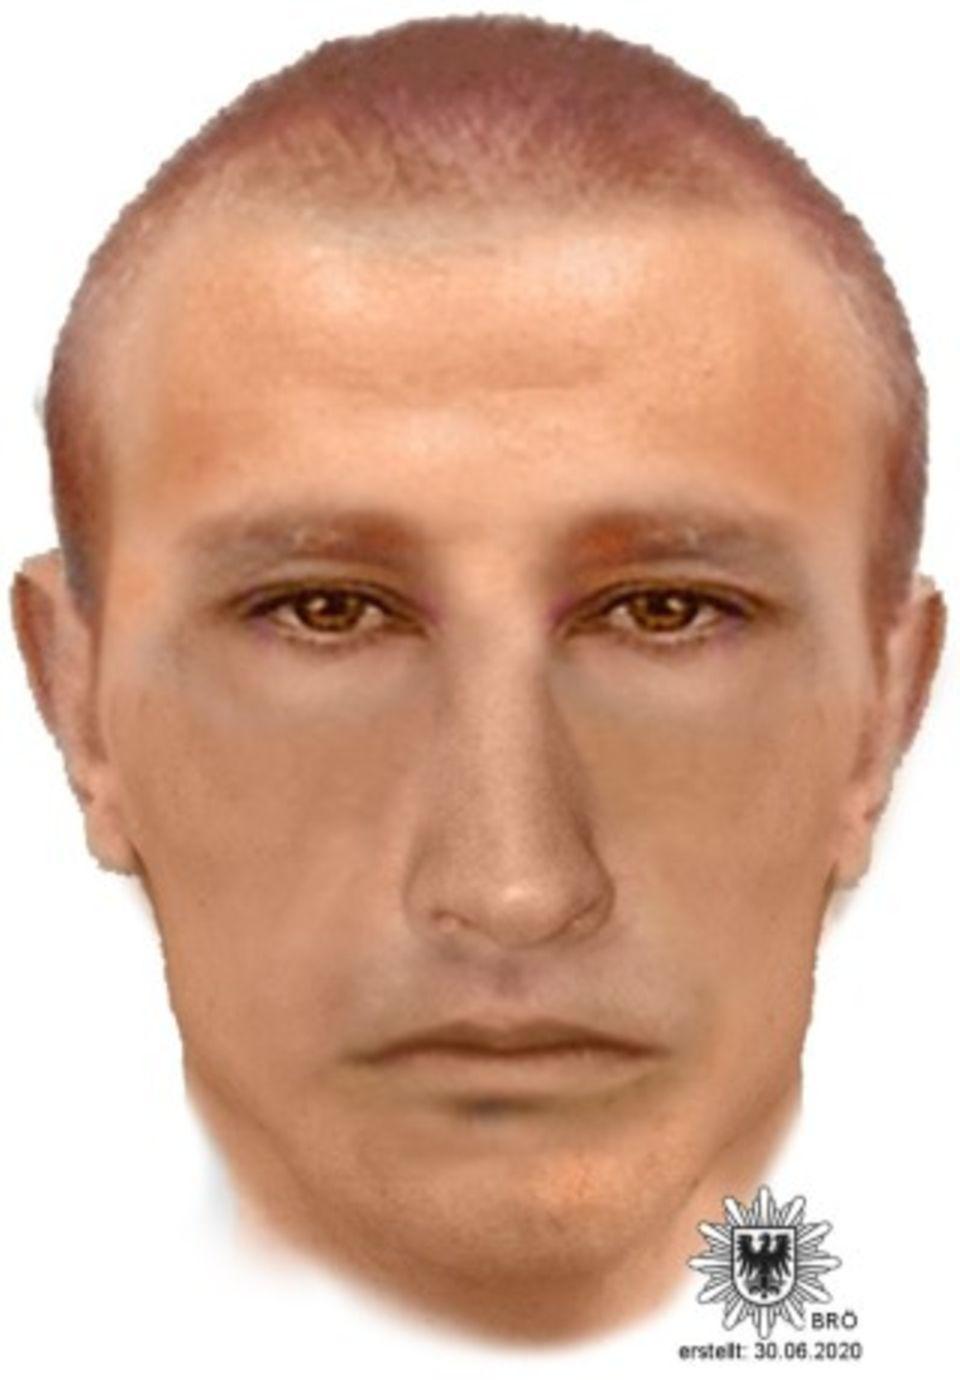 Phantombild des Tatverdächtigen